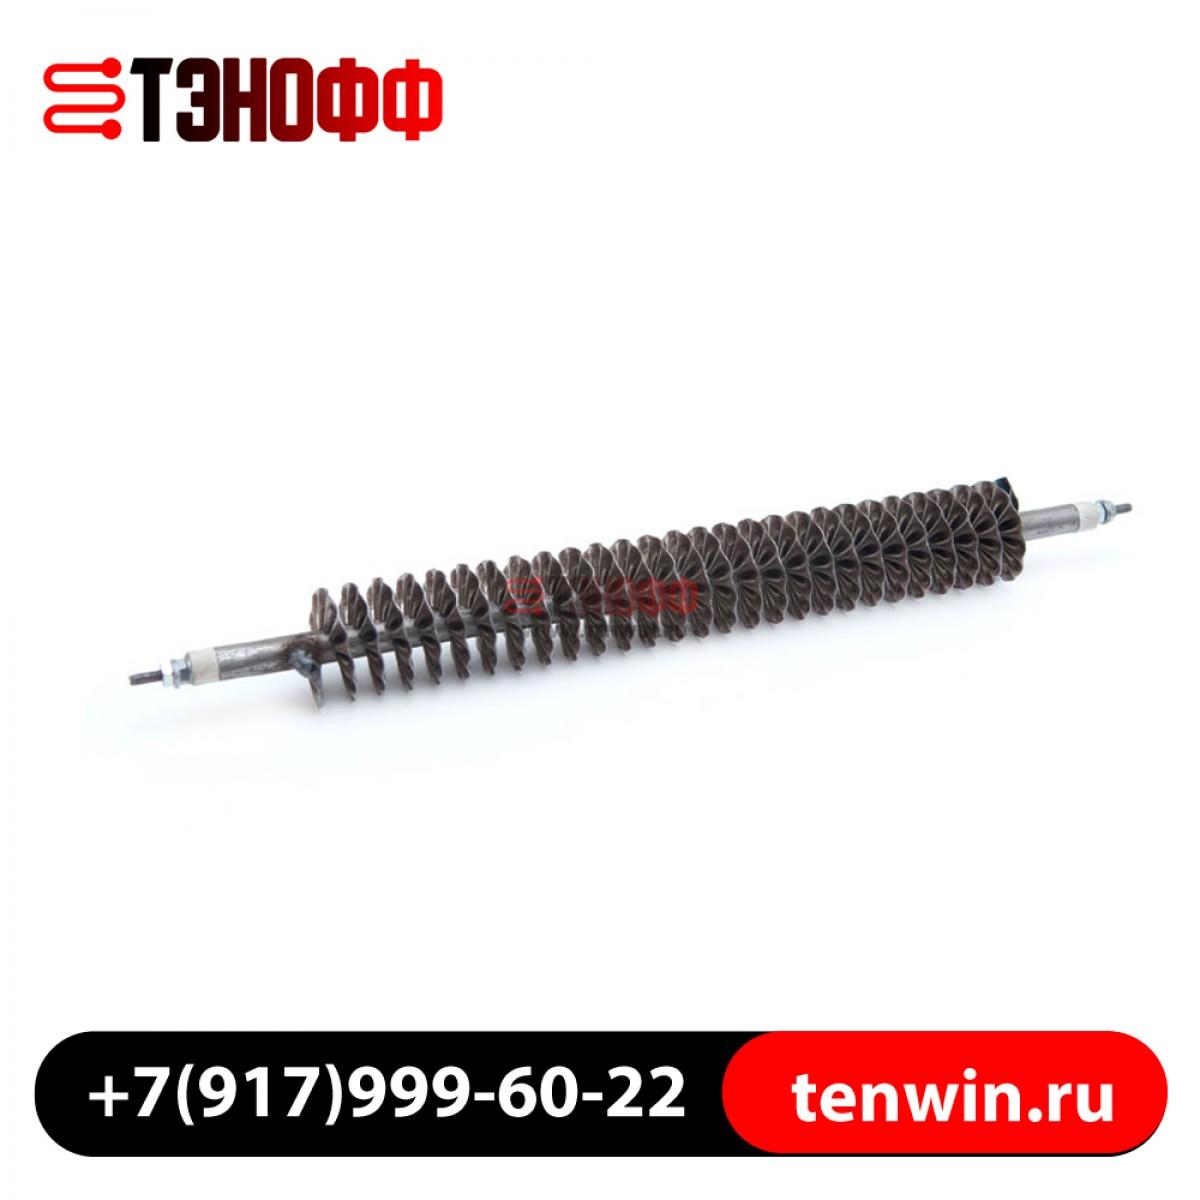 ТЭНы 600Вт / 340мм с оребрением - воздушные